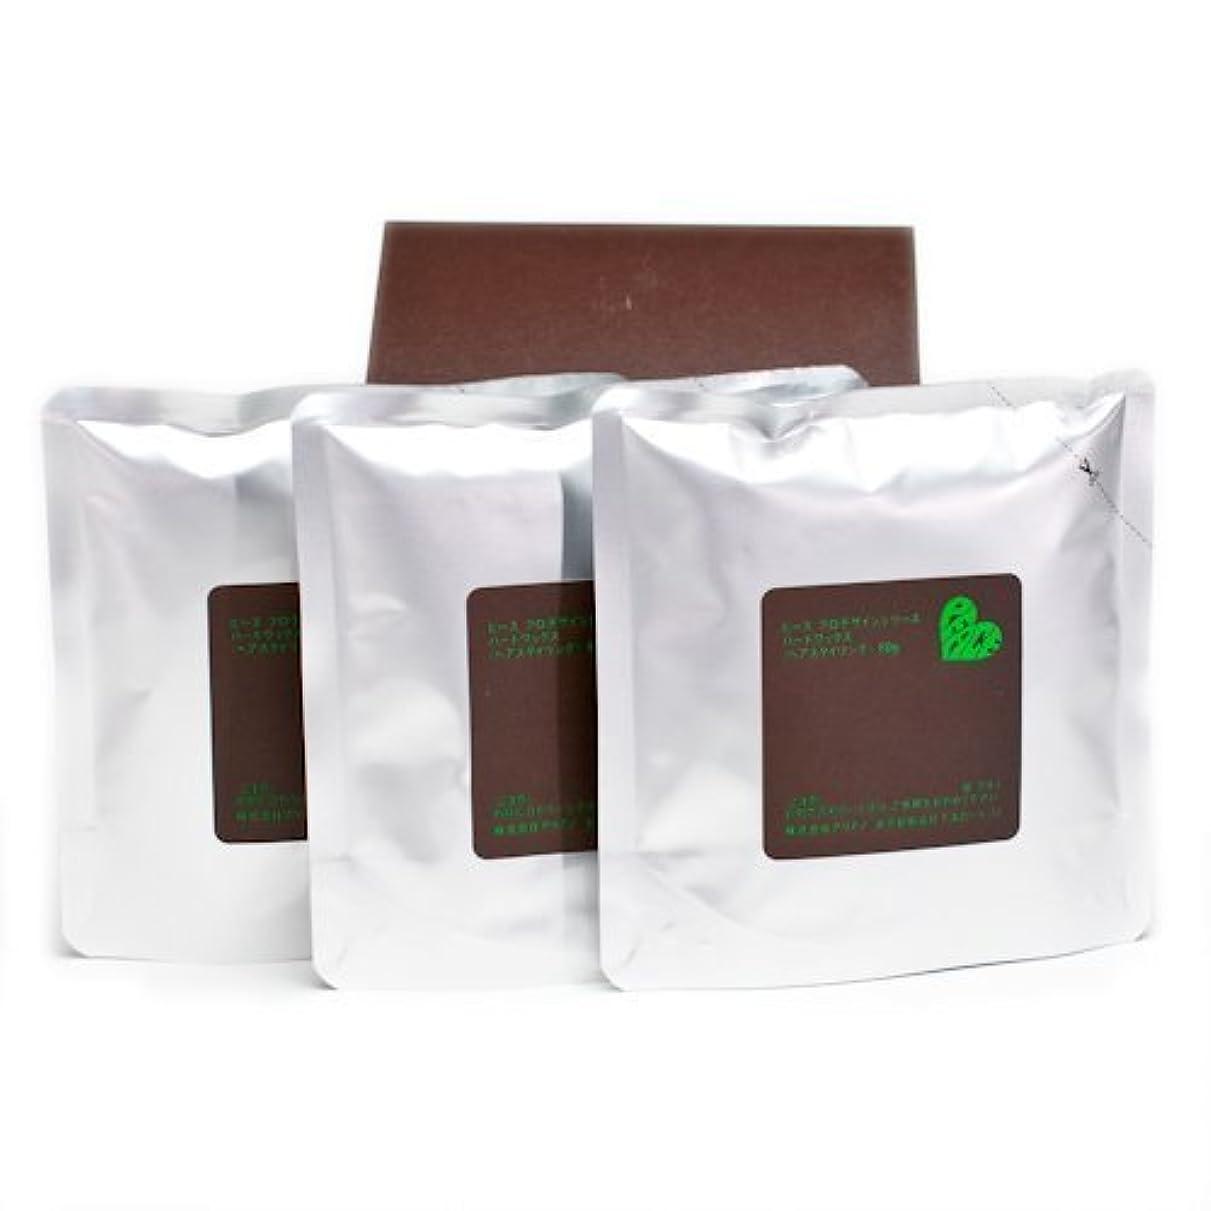 サイレント羊飼い非公式アリミノ ピース ハードワックス (チョコ) 80g(業務?詰替用)×3個入り